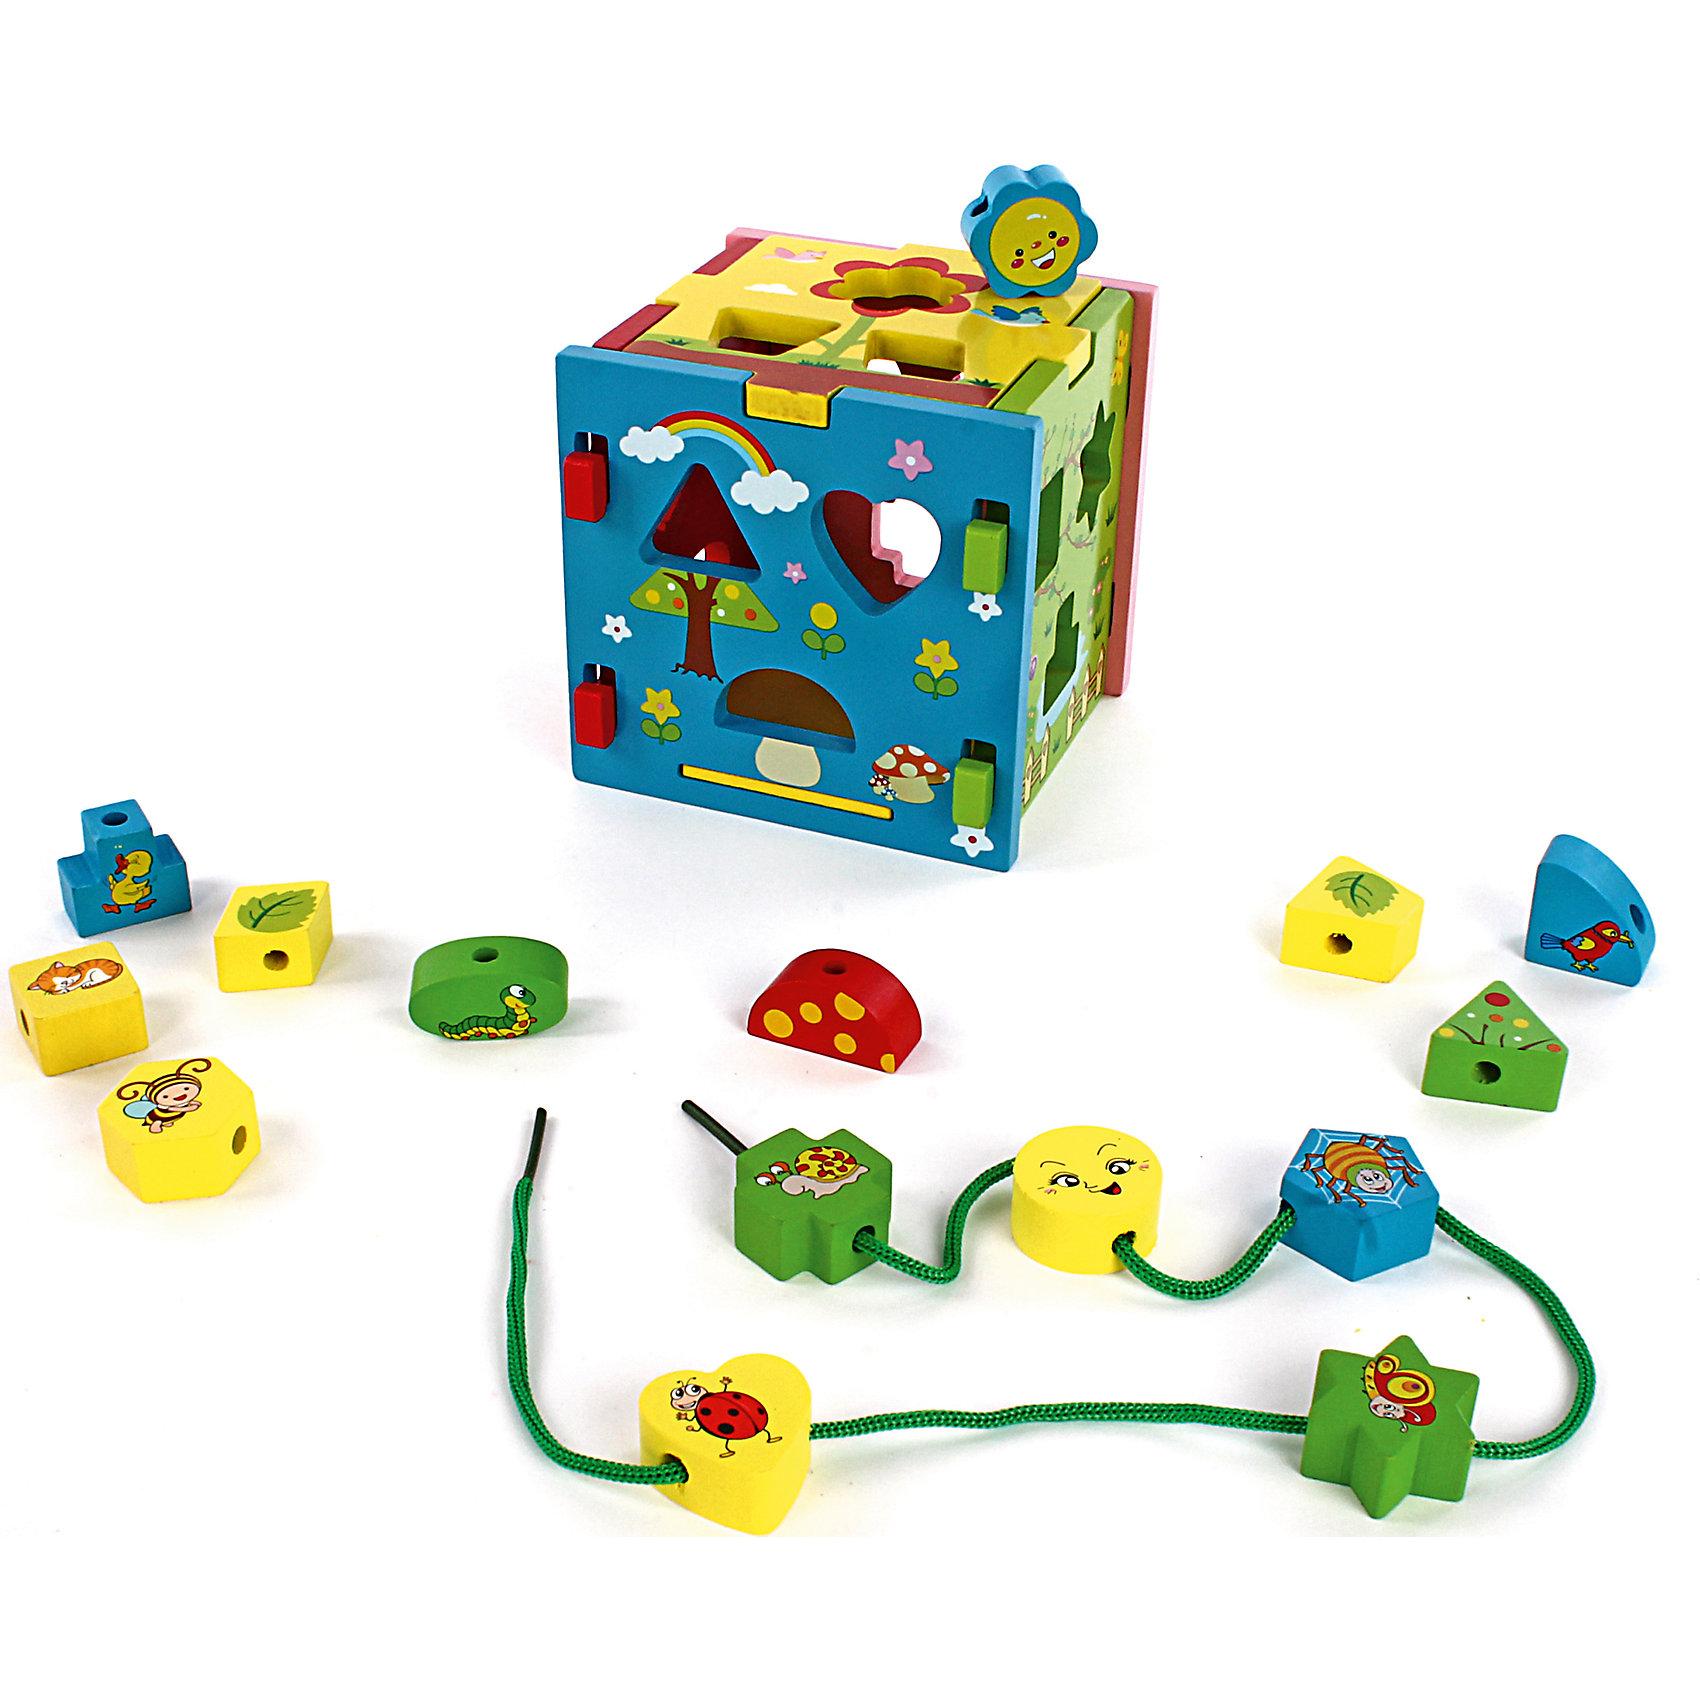 Кубик Радужный (конструктор, сортер, шнуровка), MapachaШнуровки<br>Кубик Радужный (конструктор, сортер, шнуровка) от популярного бренда развивающих детских товаров Mapacha (Мапача) развлечет вашу кроху! Этот симпатичный яркий кубик три в одном привлечет внимание и с ним захочется играть снова и снова. Для начала ребенку предлагается собрать сам кубик из шести частей. В комплект входят пятнадцать деталей, которые нужно вставлять в каждую из сторон кубика, подбирая по форме. Каждая деталь имеет уникальную форму и каждая сторона кубика имеет свою картинку с частями, подходящими по смыслу. Также в комплект входит удобный шнурок, на который нанизываются части сортера, в каждой детальке имеется отверстие для шнурка. Этот кубик изготовлен из экологически чистого и натурального материала – дерева, отлично отшлифован и окрашен в яркие цвета с рисунками животных и растений. Кубик внесет разнообразие в привычный набор игрушек и поможет развить логику, мелкую моторику ручек и воображение.<br> <br>Дополнительная информация:<br><br>- В комплект входит: Кубик из 6 частей, 15 деталей сортера, шнурок<br>- Материал: дерево, текстиль<br>- Размер куба: 14 *14 см.<br><br>Кубик Радужный (конструктор, сортер, шнуровка), Mapacha (Мапача) можно купить в нашем интернет-магазине.<br><br>Подробнее:<br>• Для детей в возрасте: от 3 лет<br>• Номер товара: 4925539<br>Страна производитель: Китай<br><br>Ширина мм: 150<br>Глубина мм: 150<br>Высота мм: 150<br>Вес г: 266<br>Возраст от месяцев: 12<br>Возраст до месяцев: 36<br>Пол: Унисекс<br>Возраст: Детский<br>SKU: 4925539